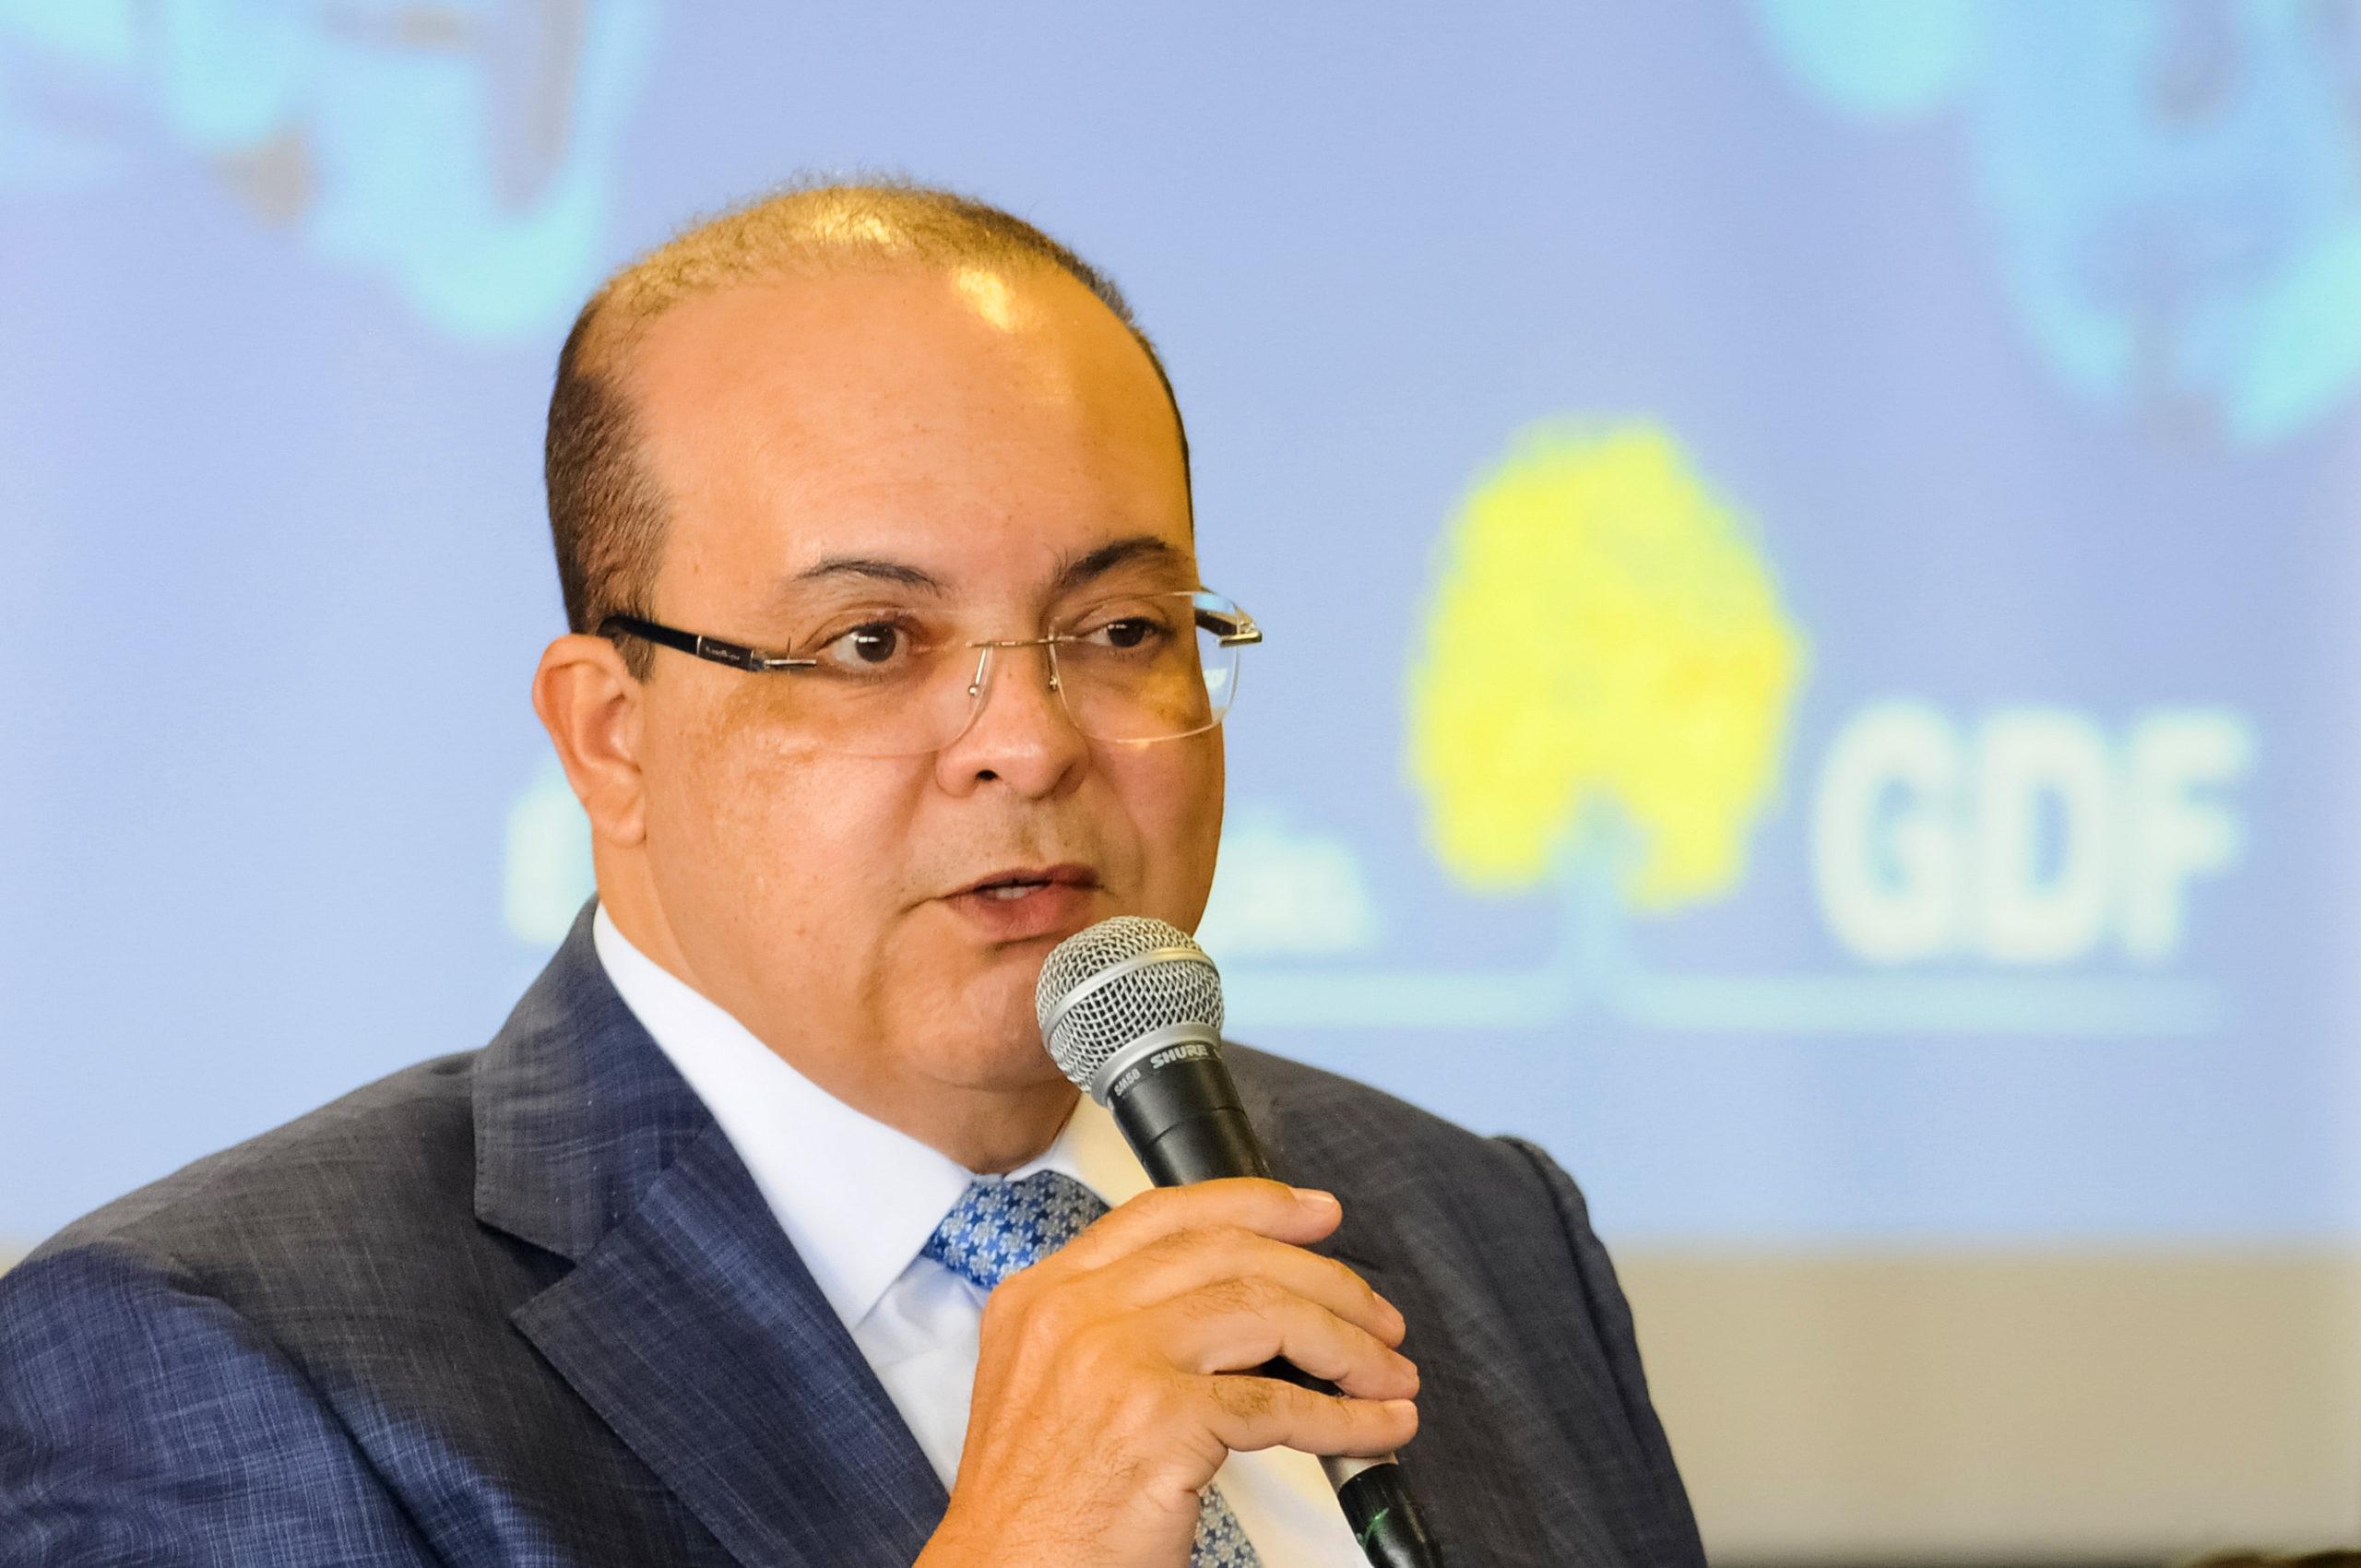 O FINO DA POLÍTICA | Por que Ibaneis Rocha incomoda tanto um grupo político endinheirado da capital do país?